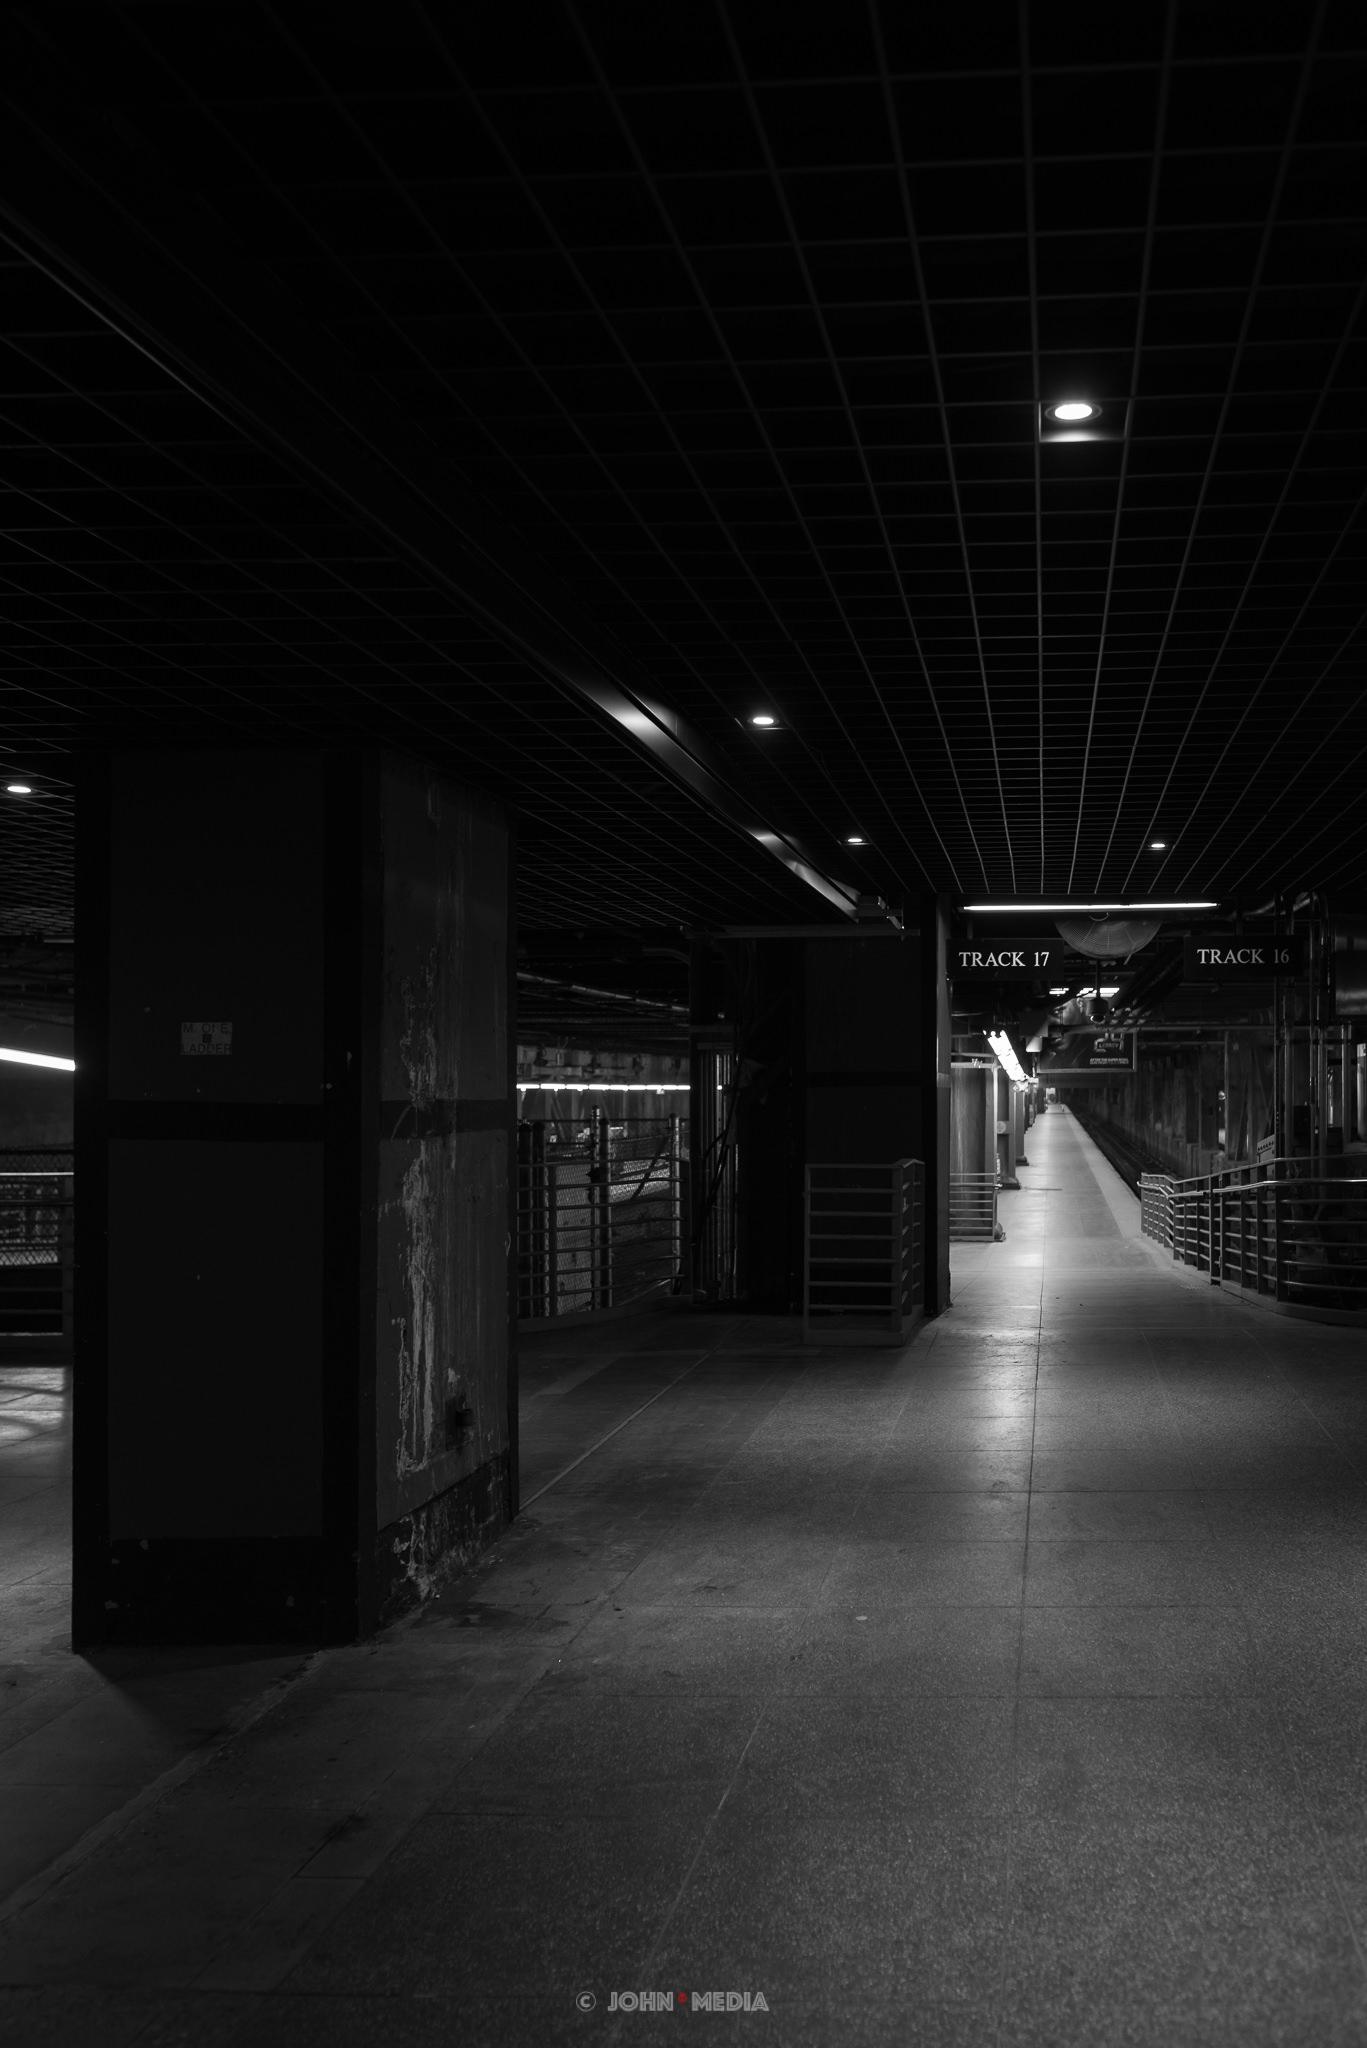 Grand Central Track 17